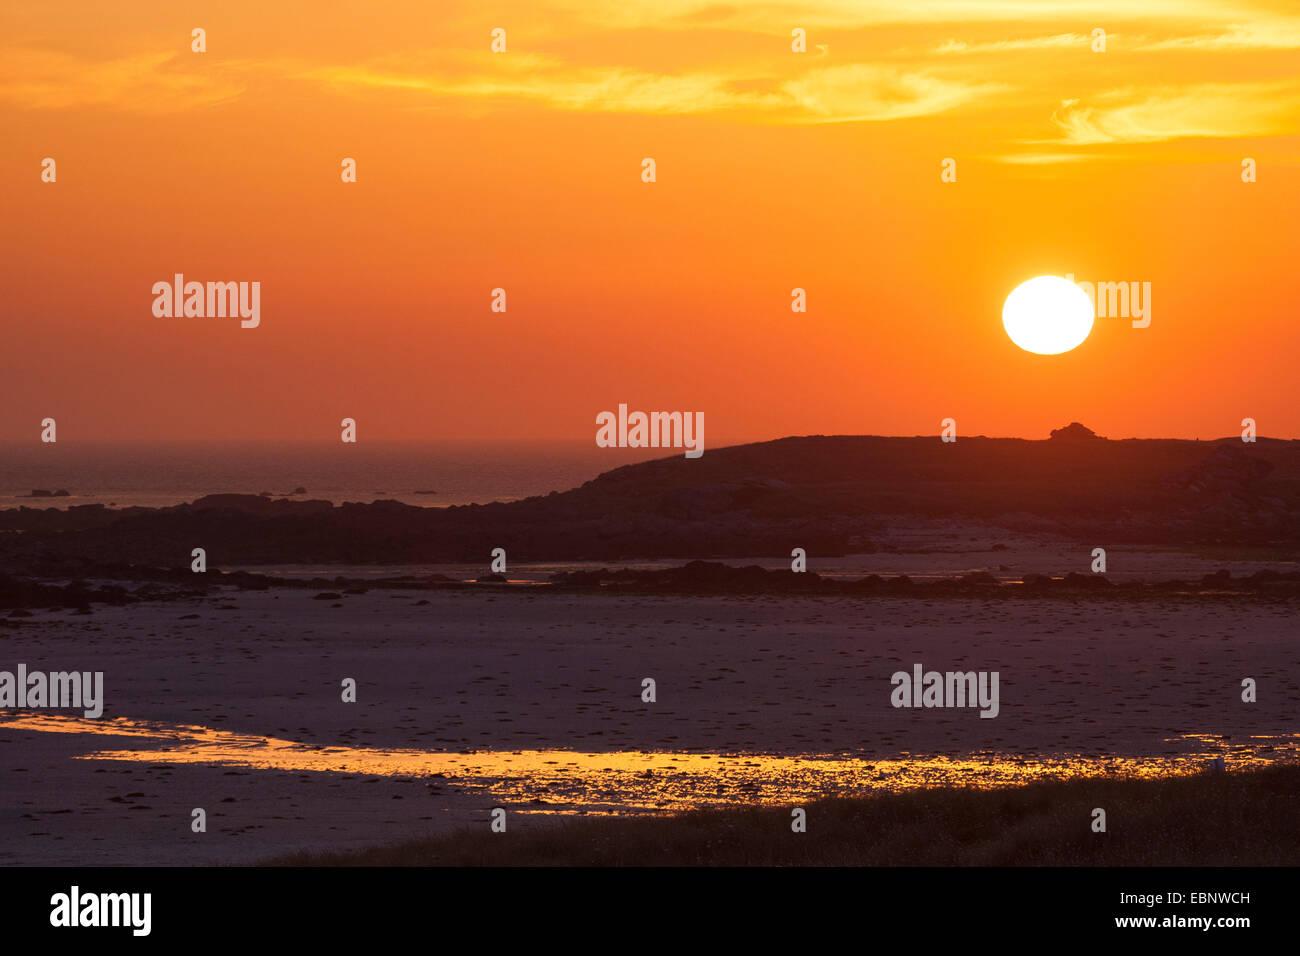 Magnifique coucher de soleil sur la mer, France, Bretagne Banque D'Images